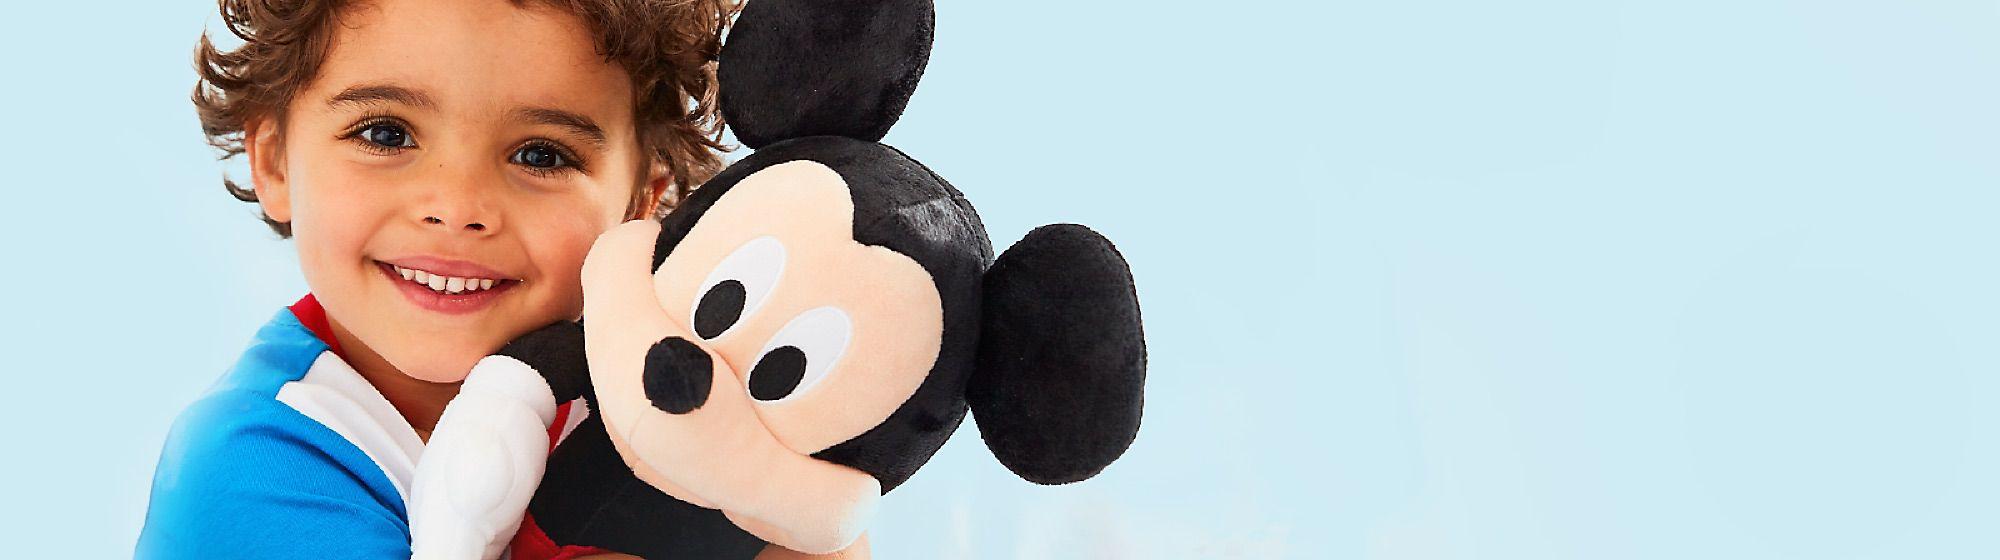 La meilleure sélection de produits Disney réunie en un seul endroit !